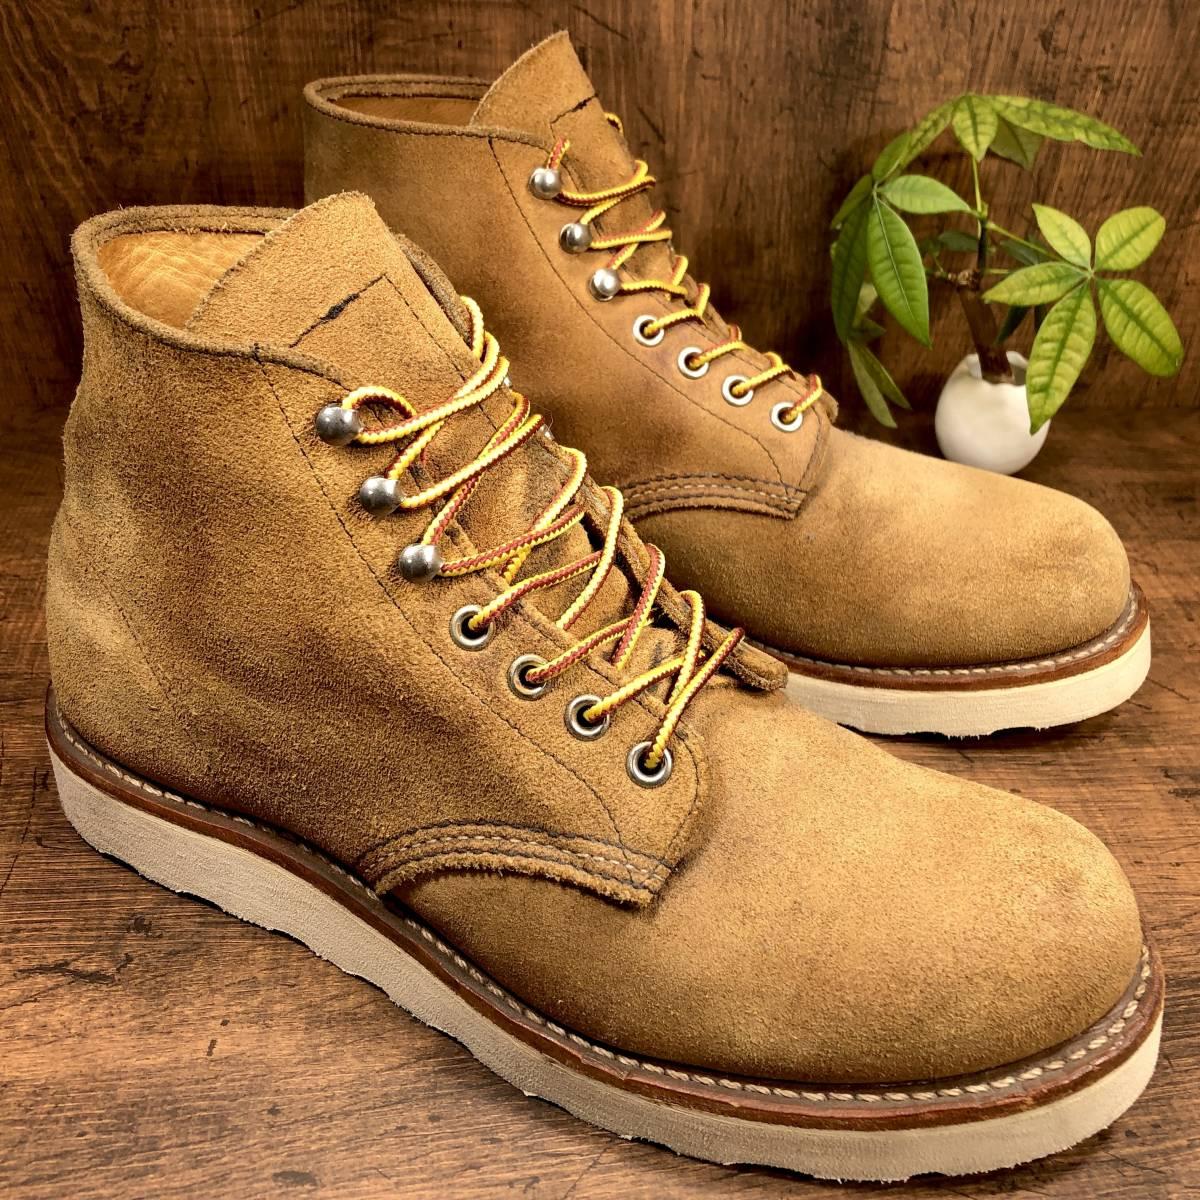 ■RED WING 8181■ 26cm US8D 茶 ブラウン レッドウィング ショートカットブーツ メンズ 革靴 靴 くつ ブーツ 即決